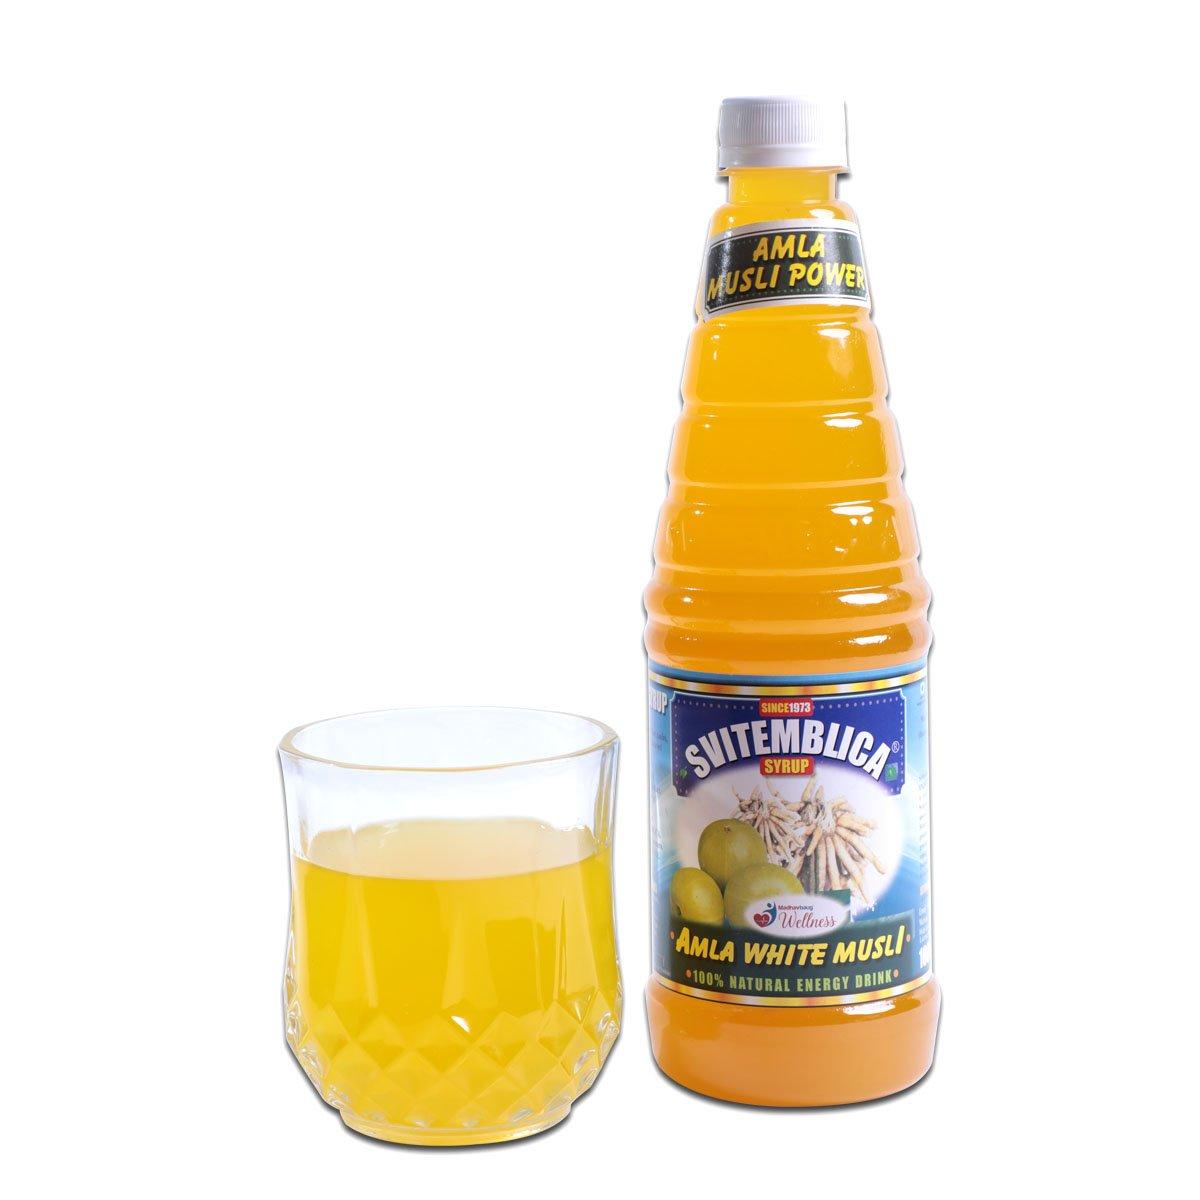 SVITEMBLICA Amala White Syrup